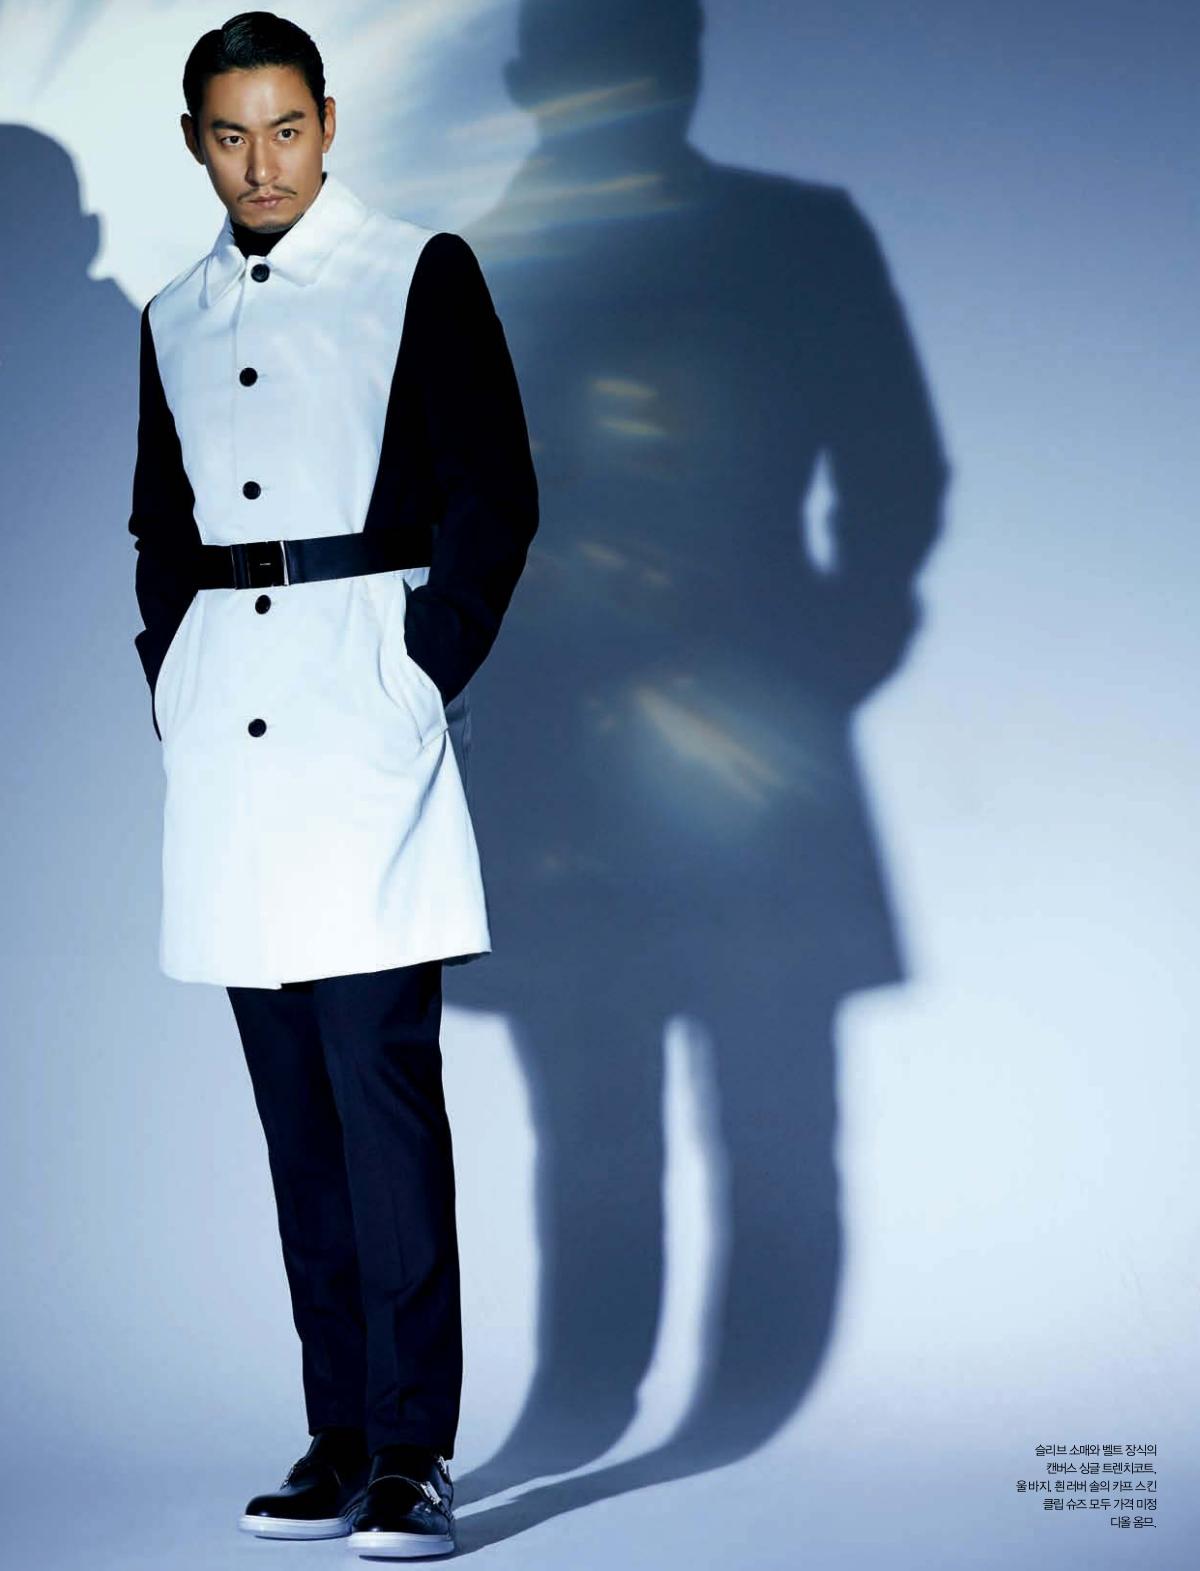 Жожик, его величество Император Чу Чжин Мо ♛- 2 - Страница 4 041dbfd2199e